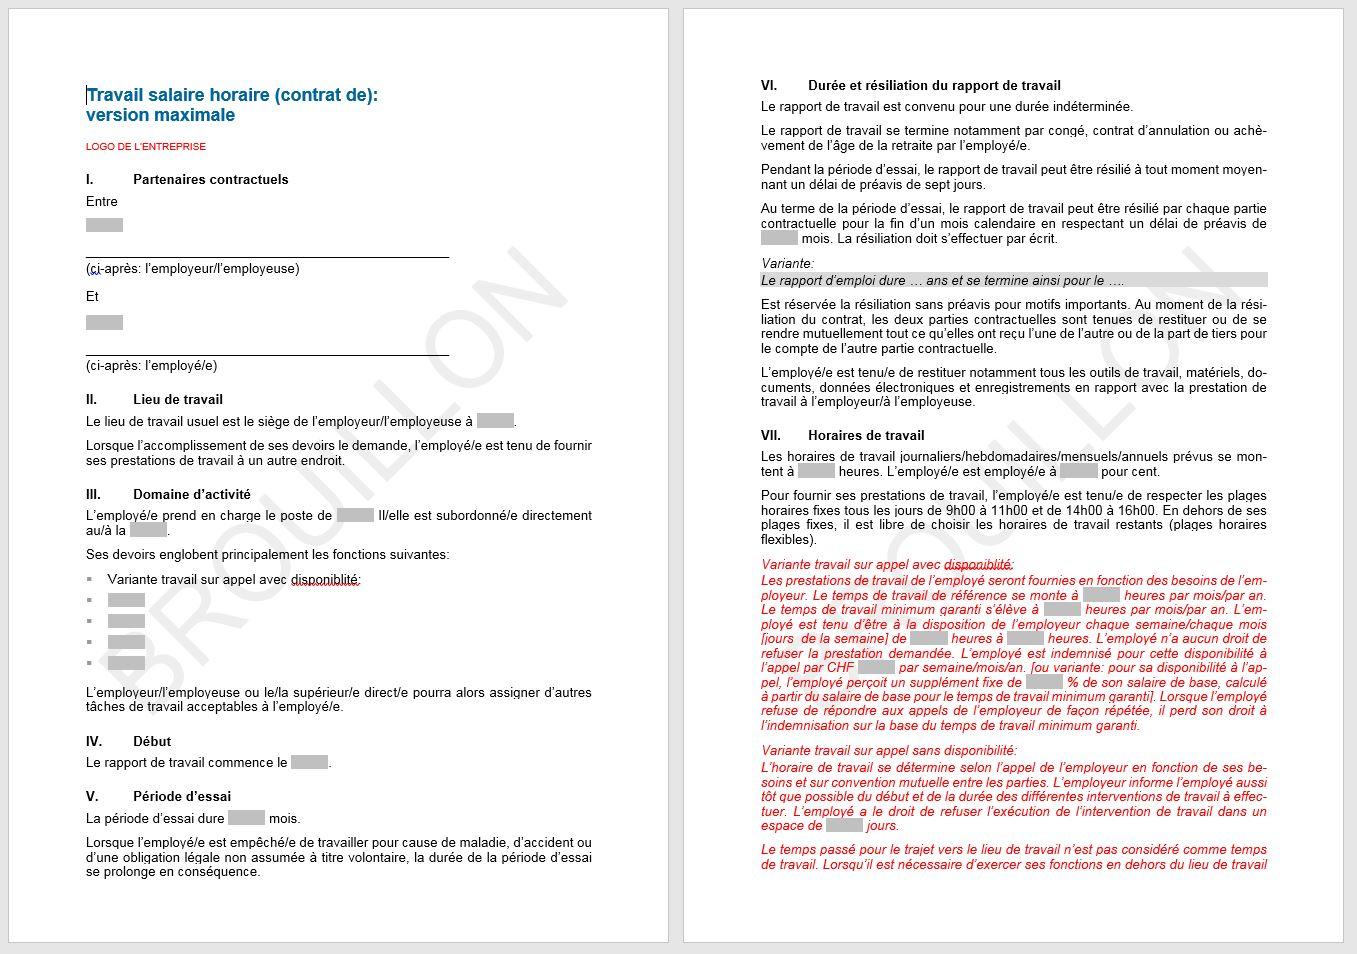 Download contrat de travail salaire horaire upsa agvs - Contrat de professionnalisation salaire grille ...